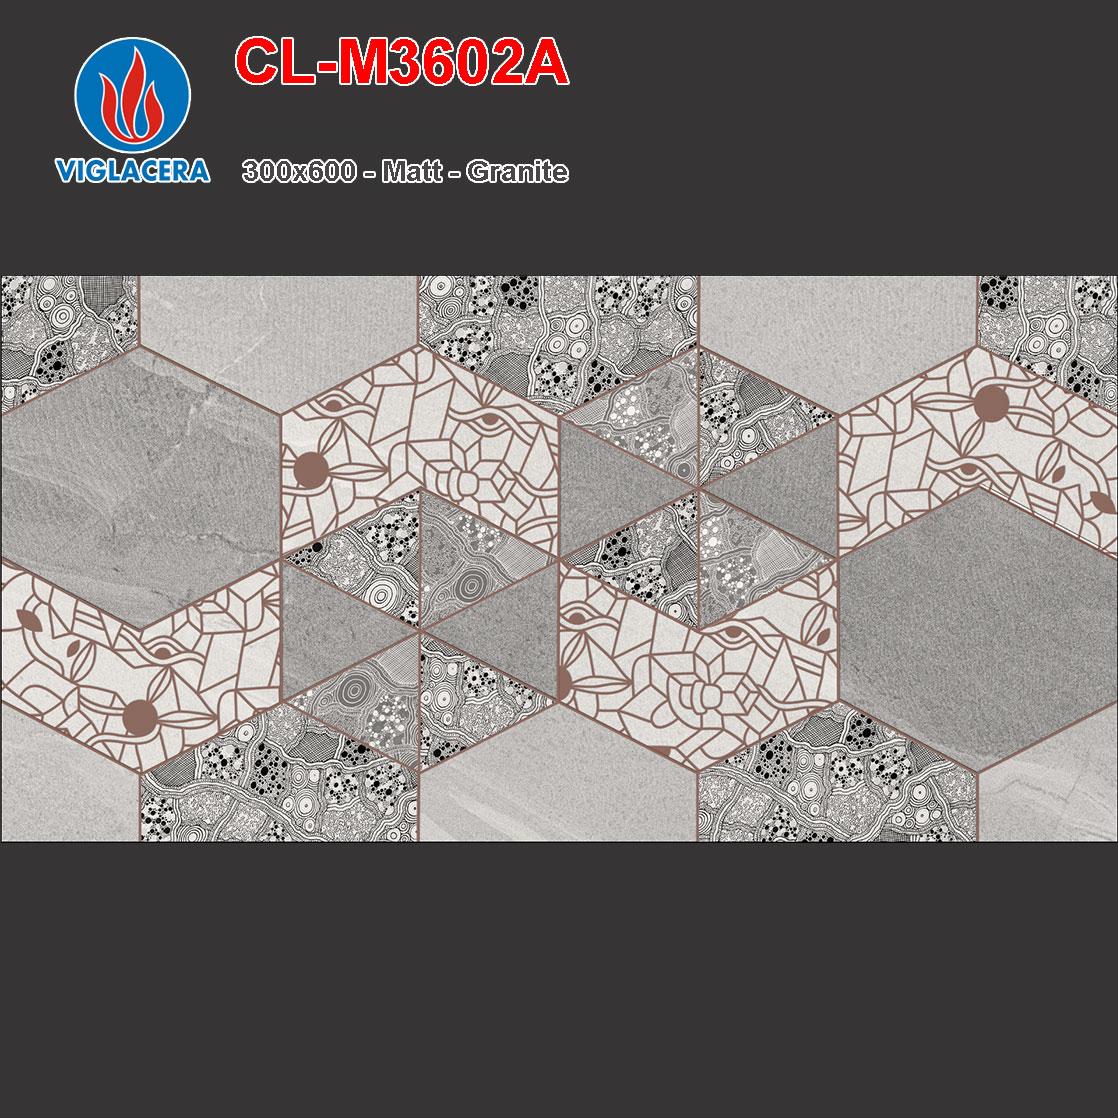 Gạch300x600 Viglacera Cửu Long CL-M3602A giá tốt